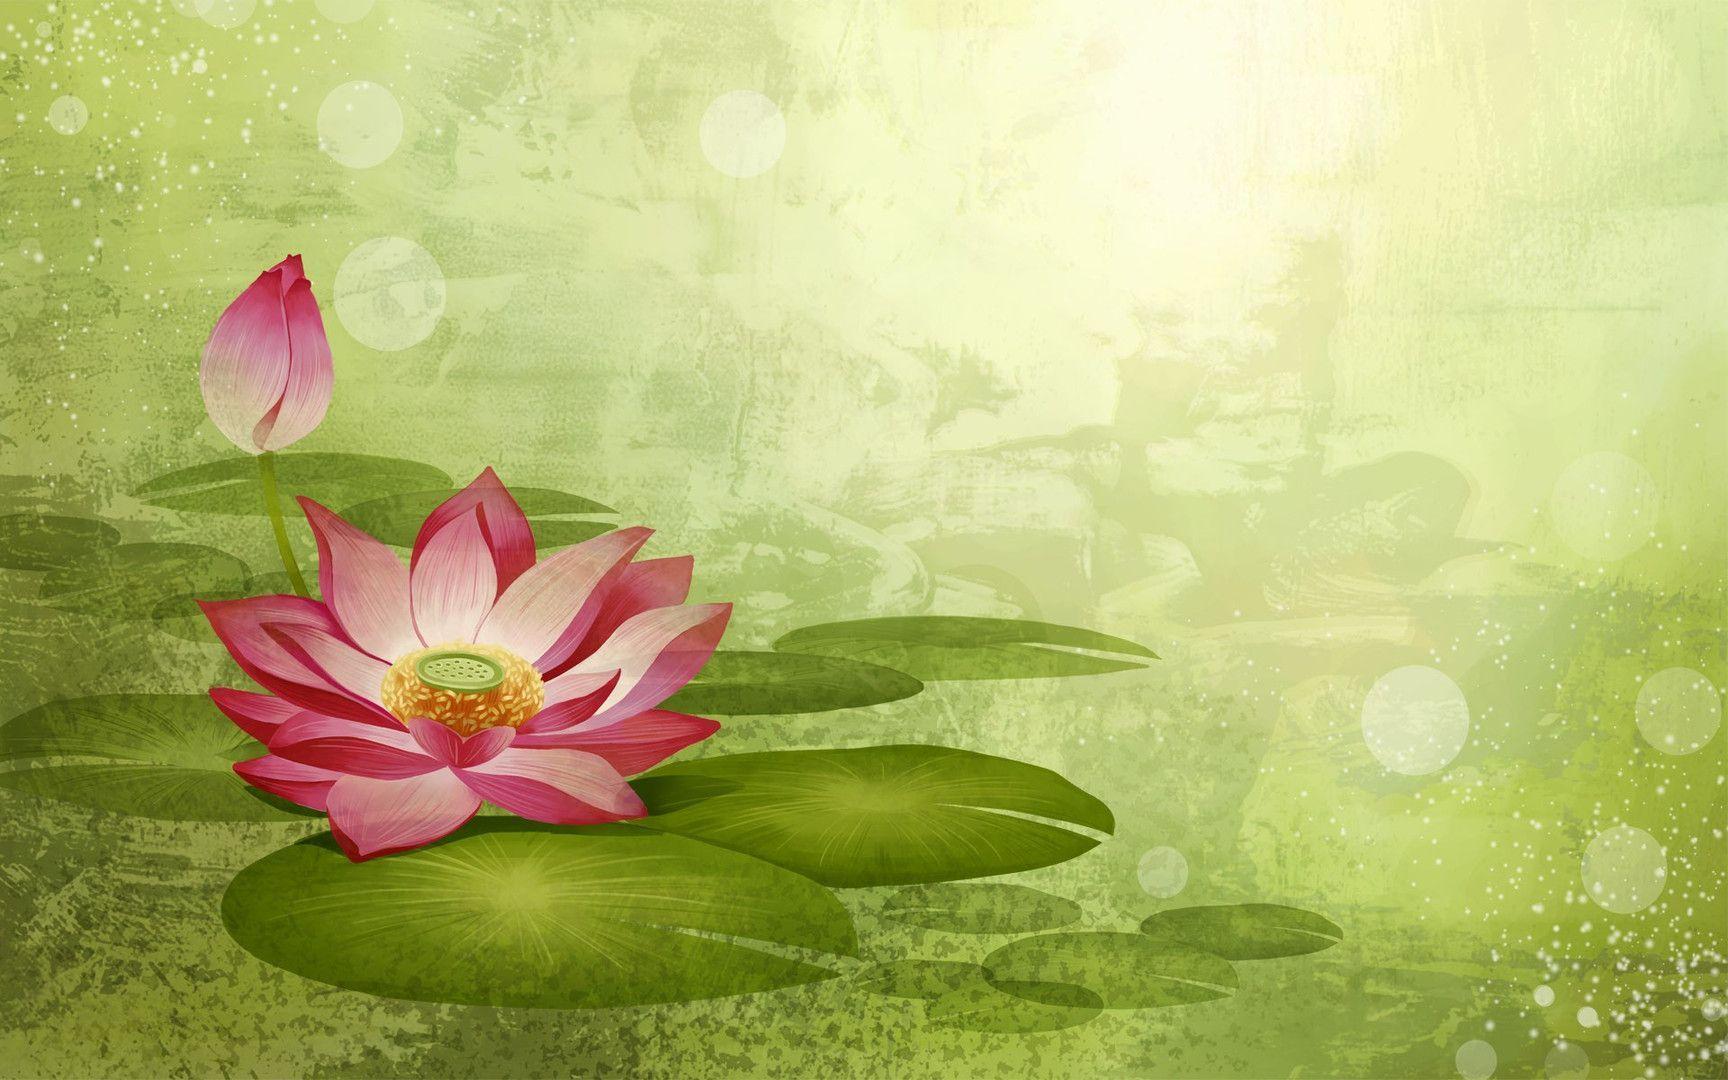 Lotus wallpapers wallpaper cave lotus flowers wallpaper izmirmasajfo